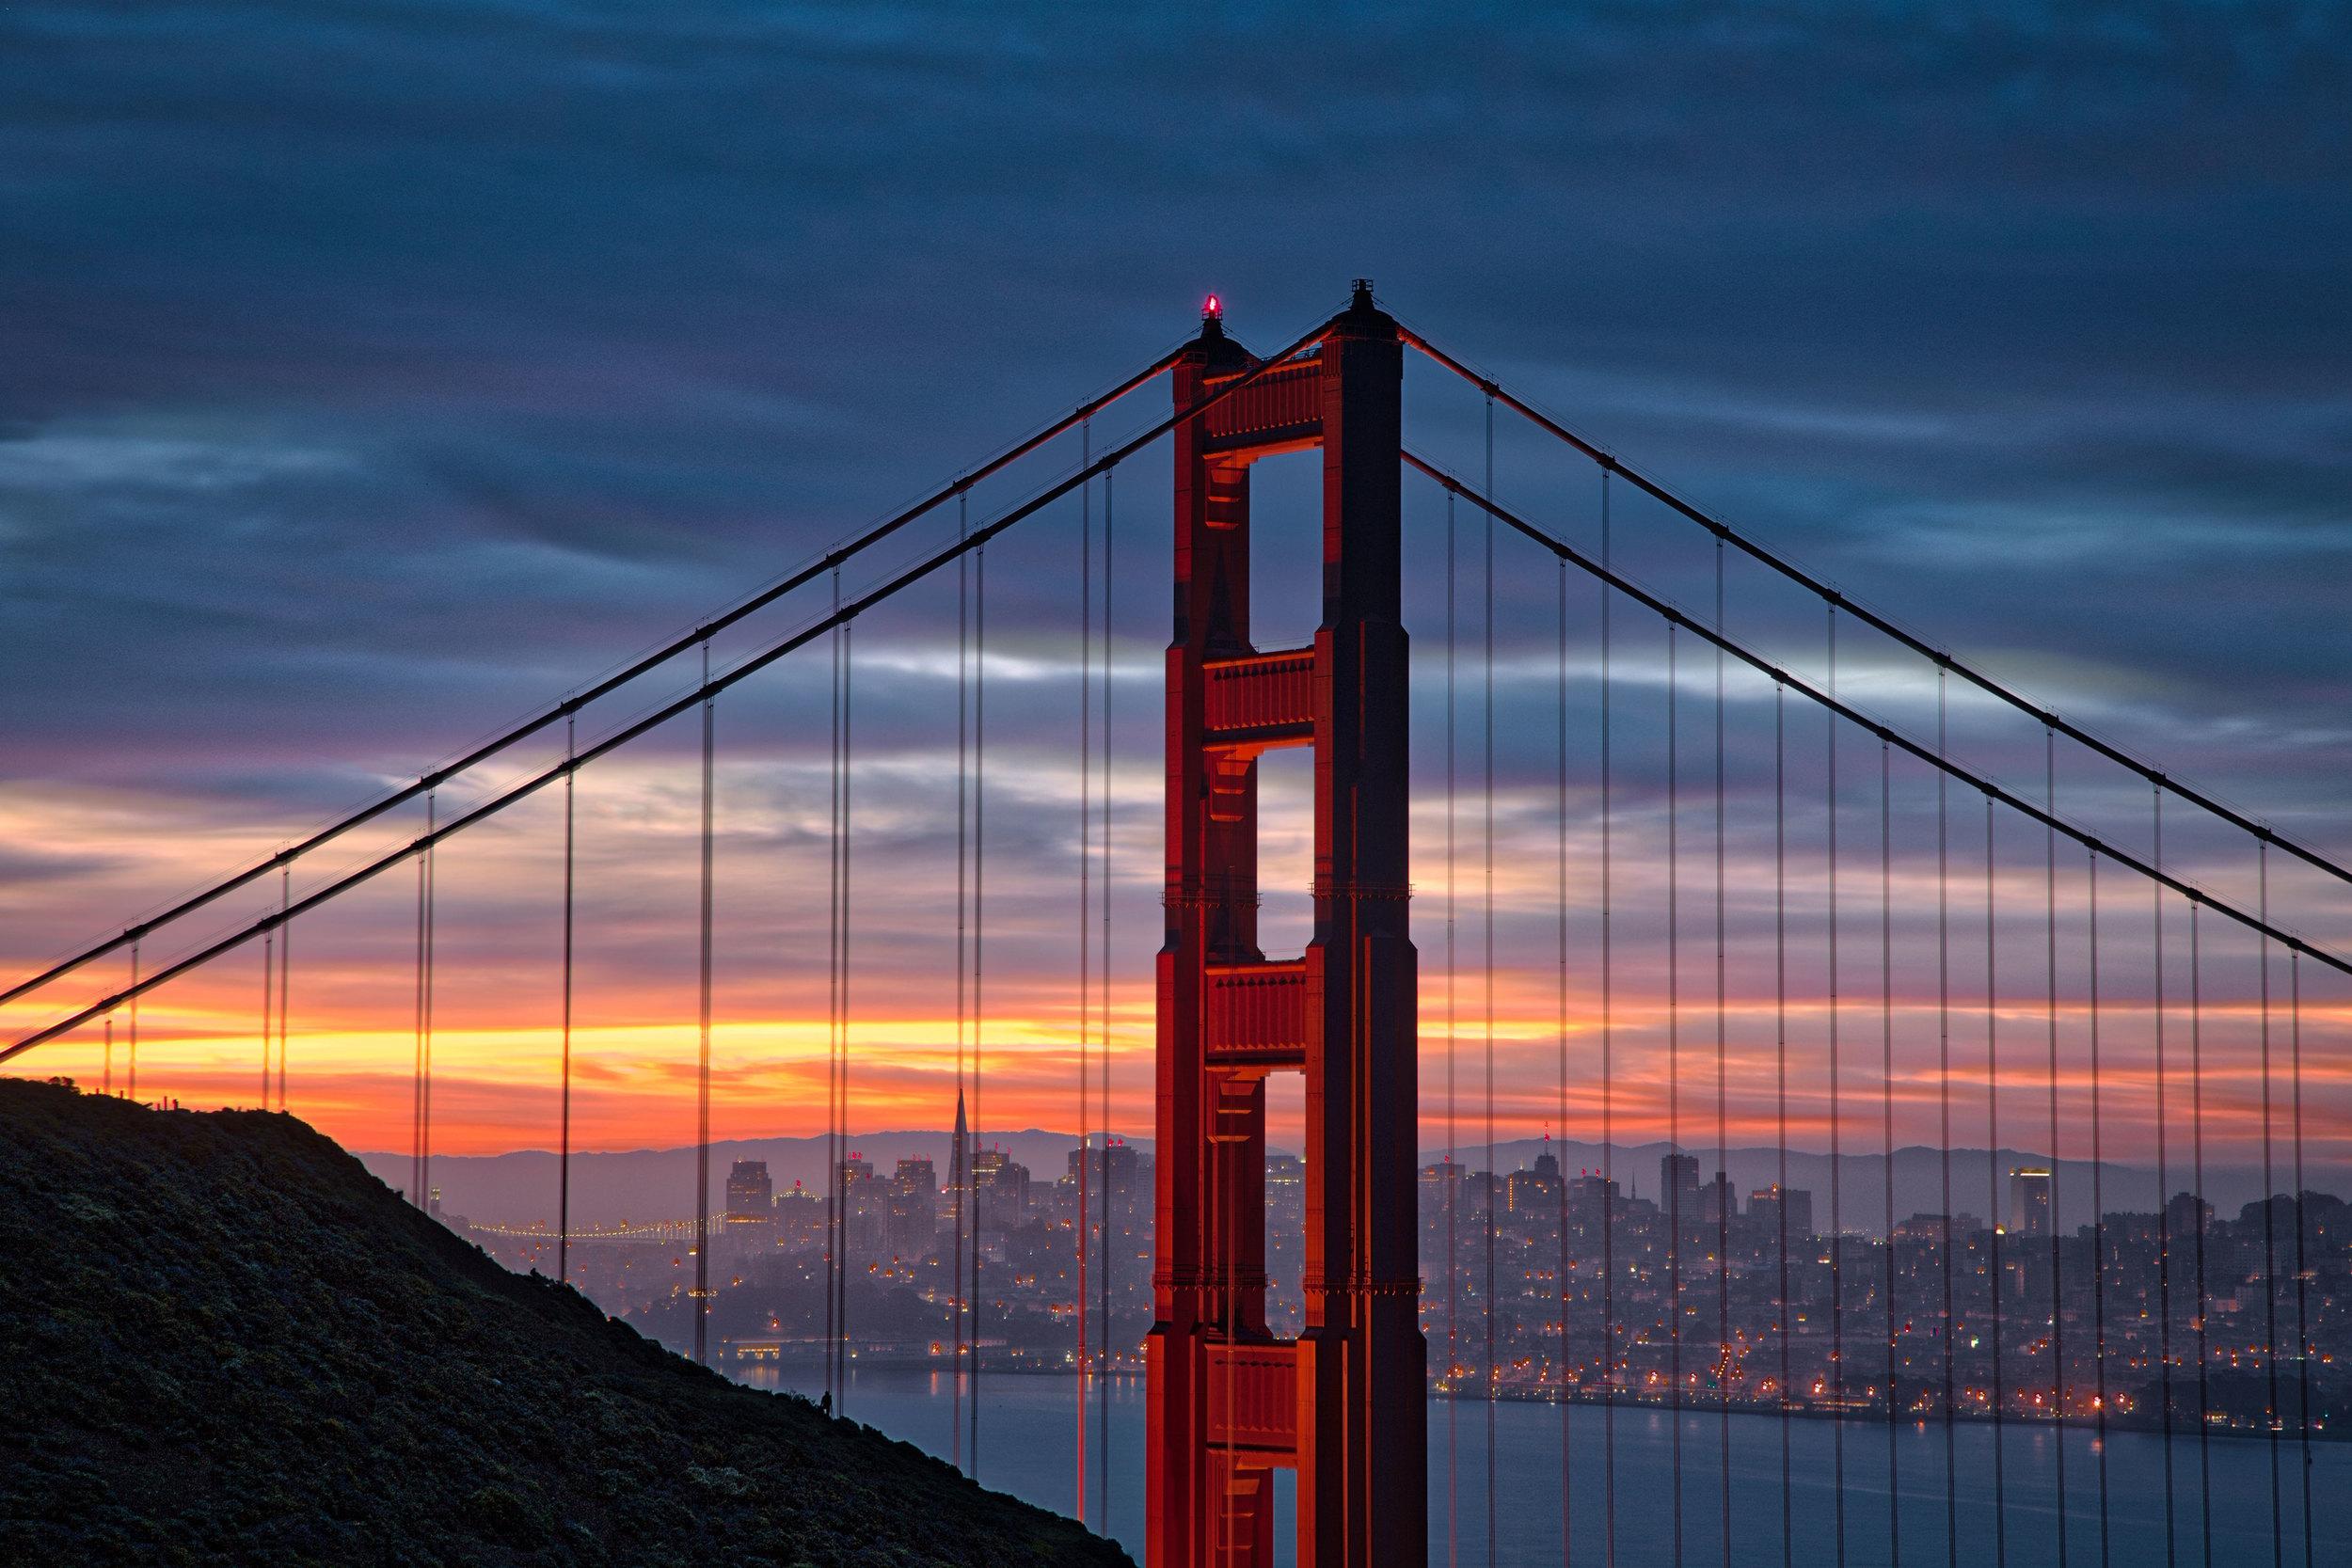 Goldengatebridgesunrise1_HDR.jpg